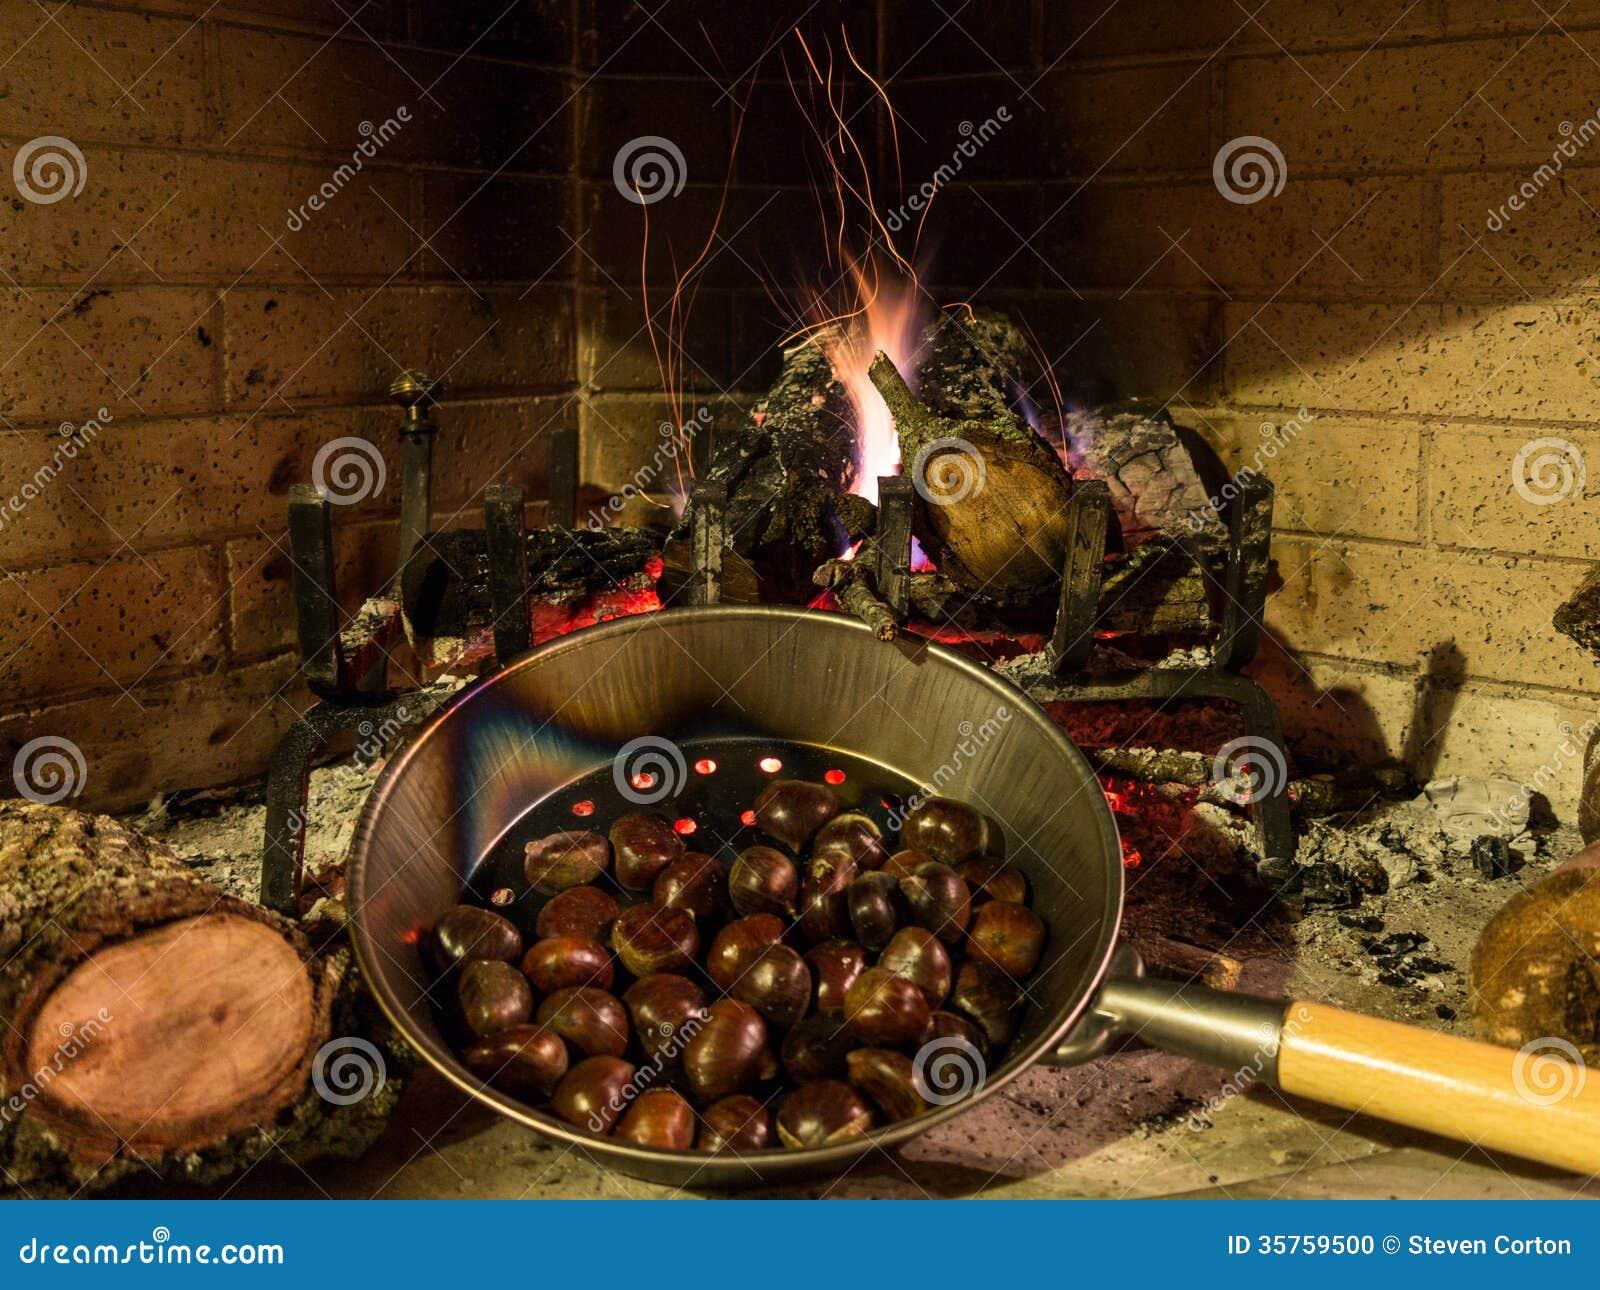 Kastanien Auf Einem Offenen Feuer Stockfoto Bild Von Stapel